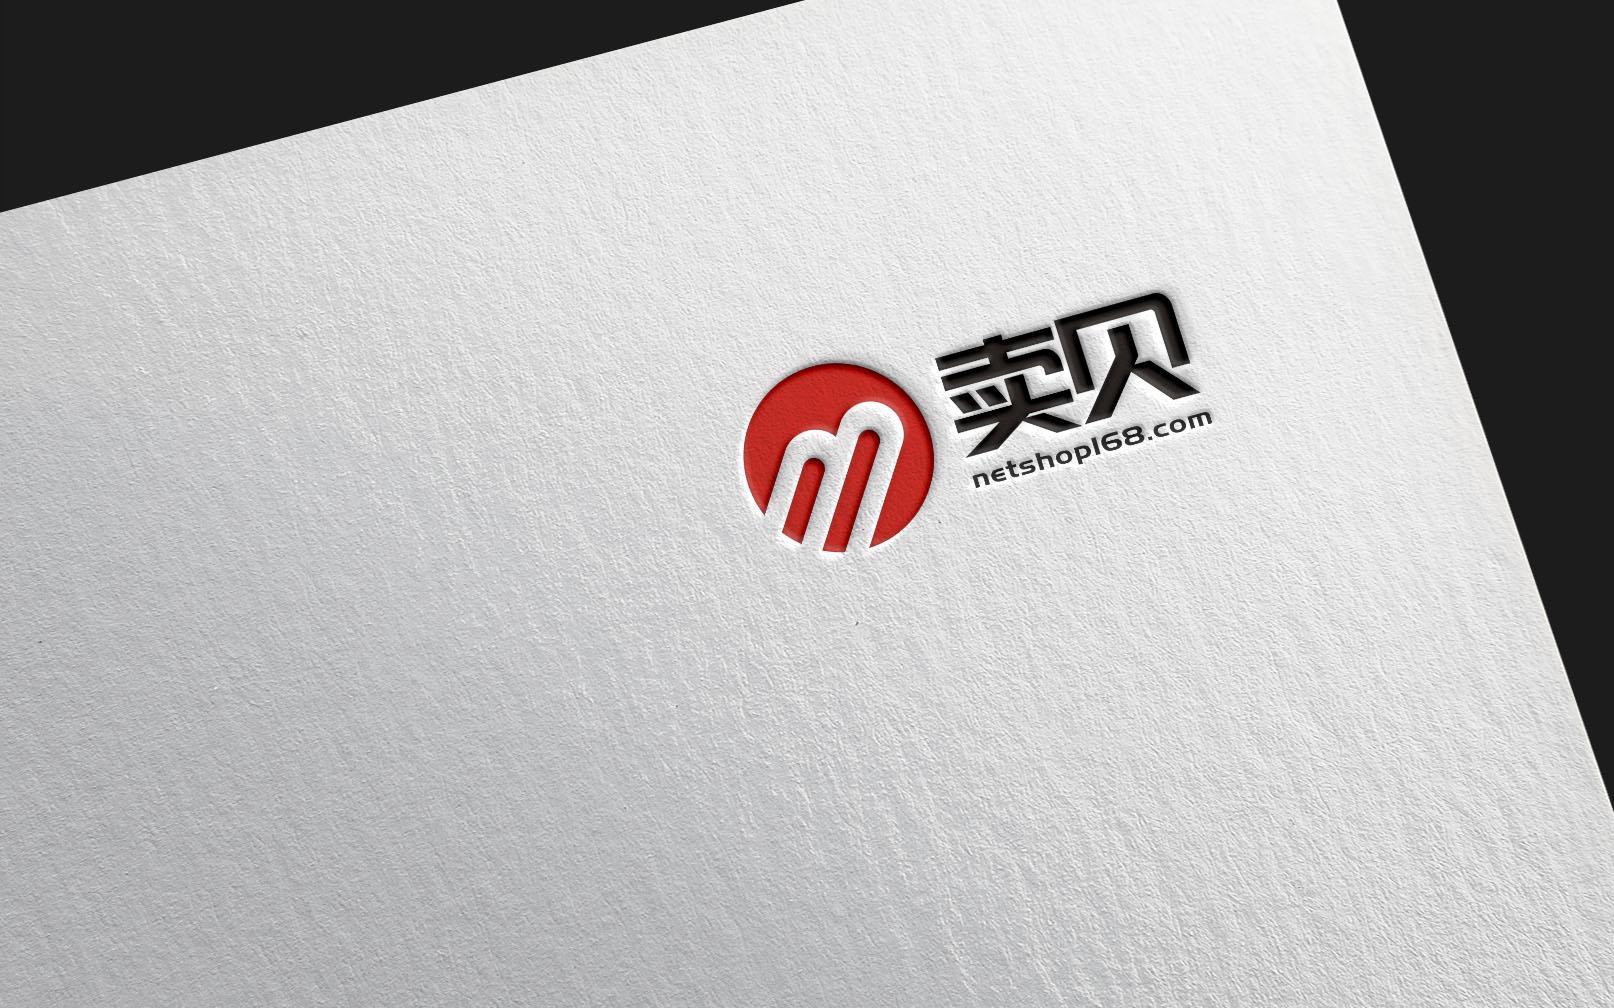 商城logo设计_3036216_k68威客网